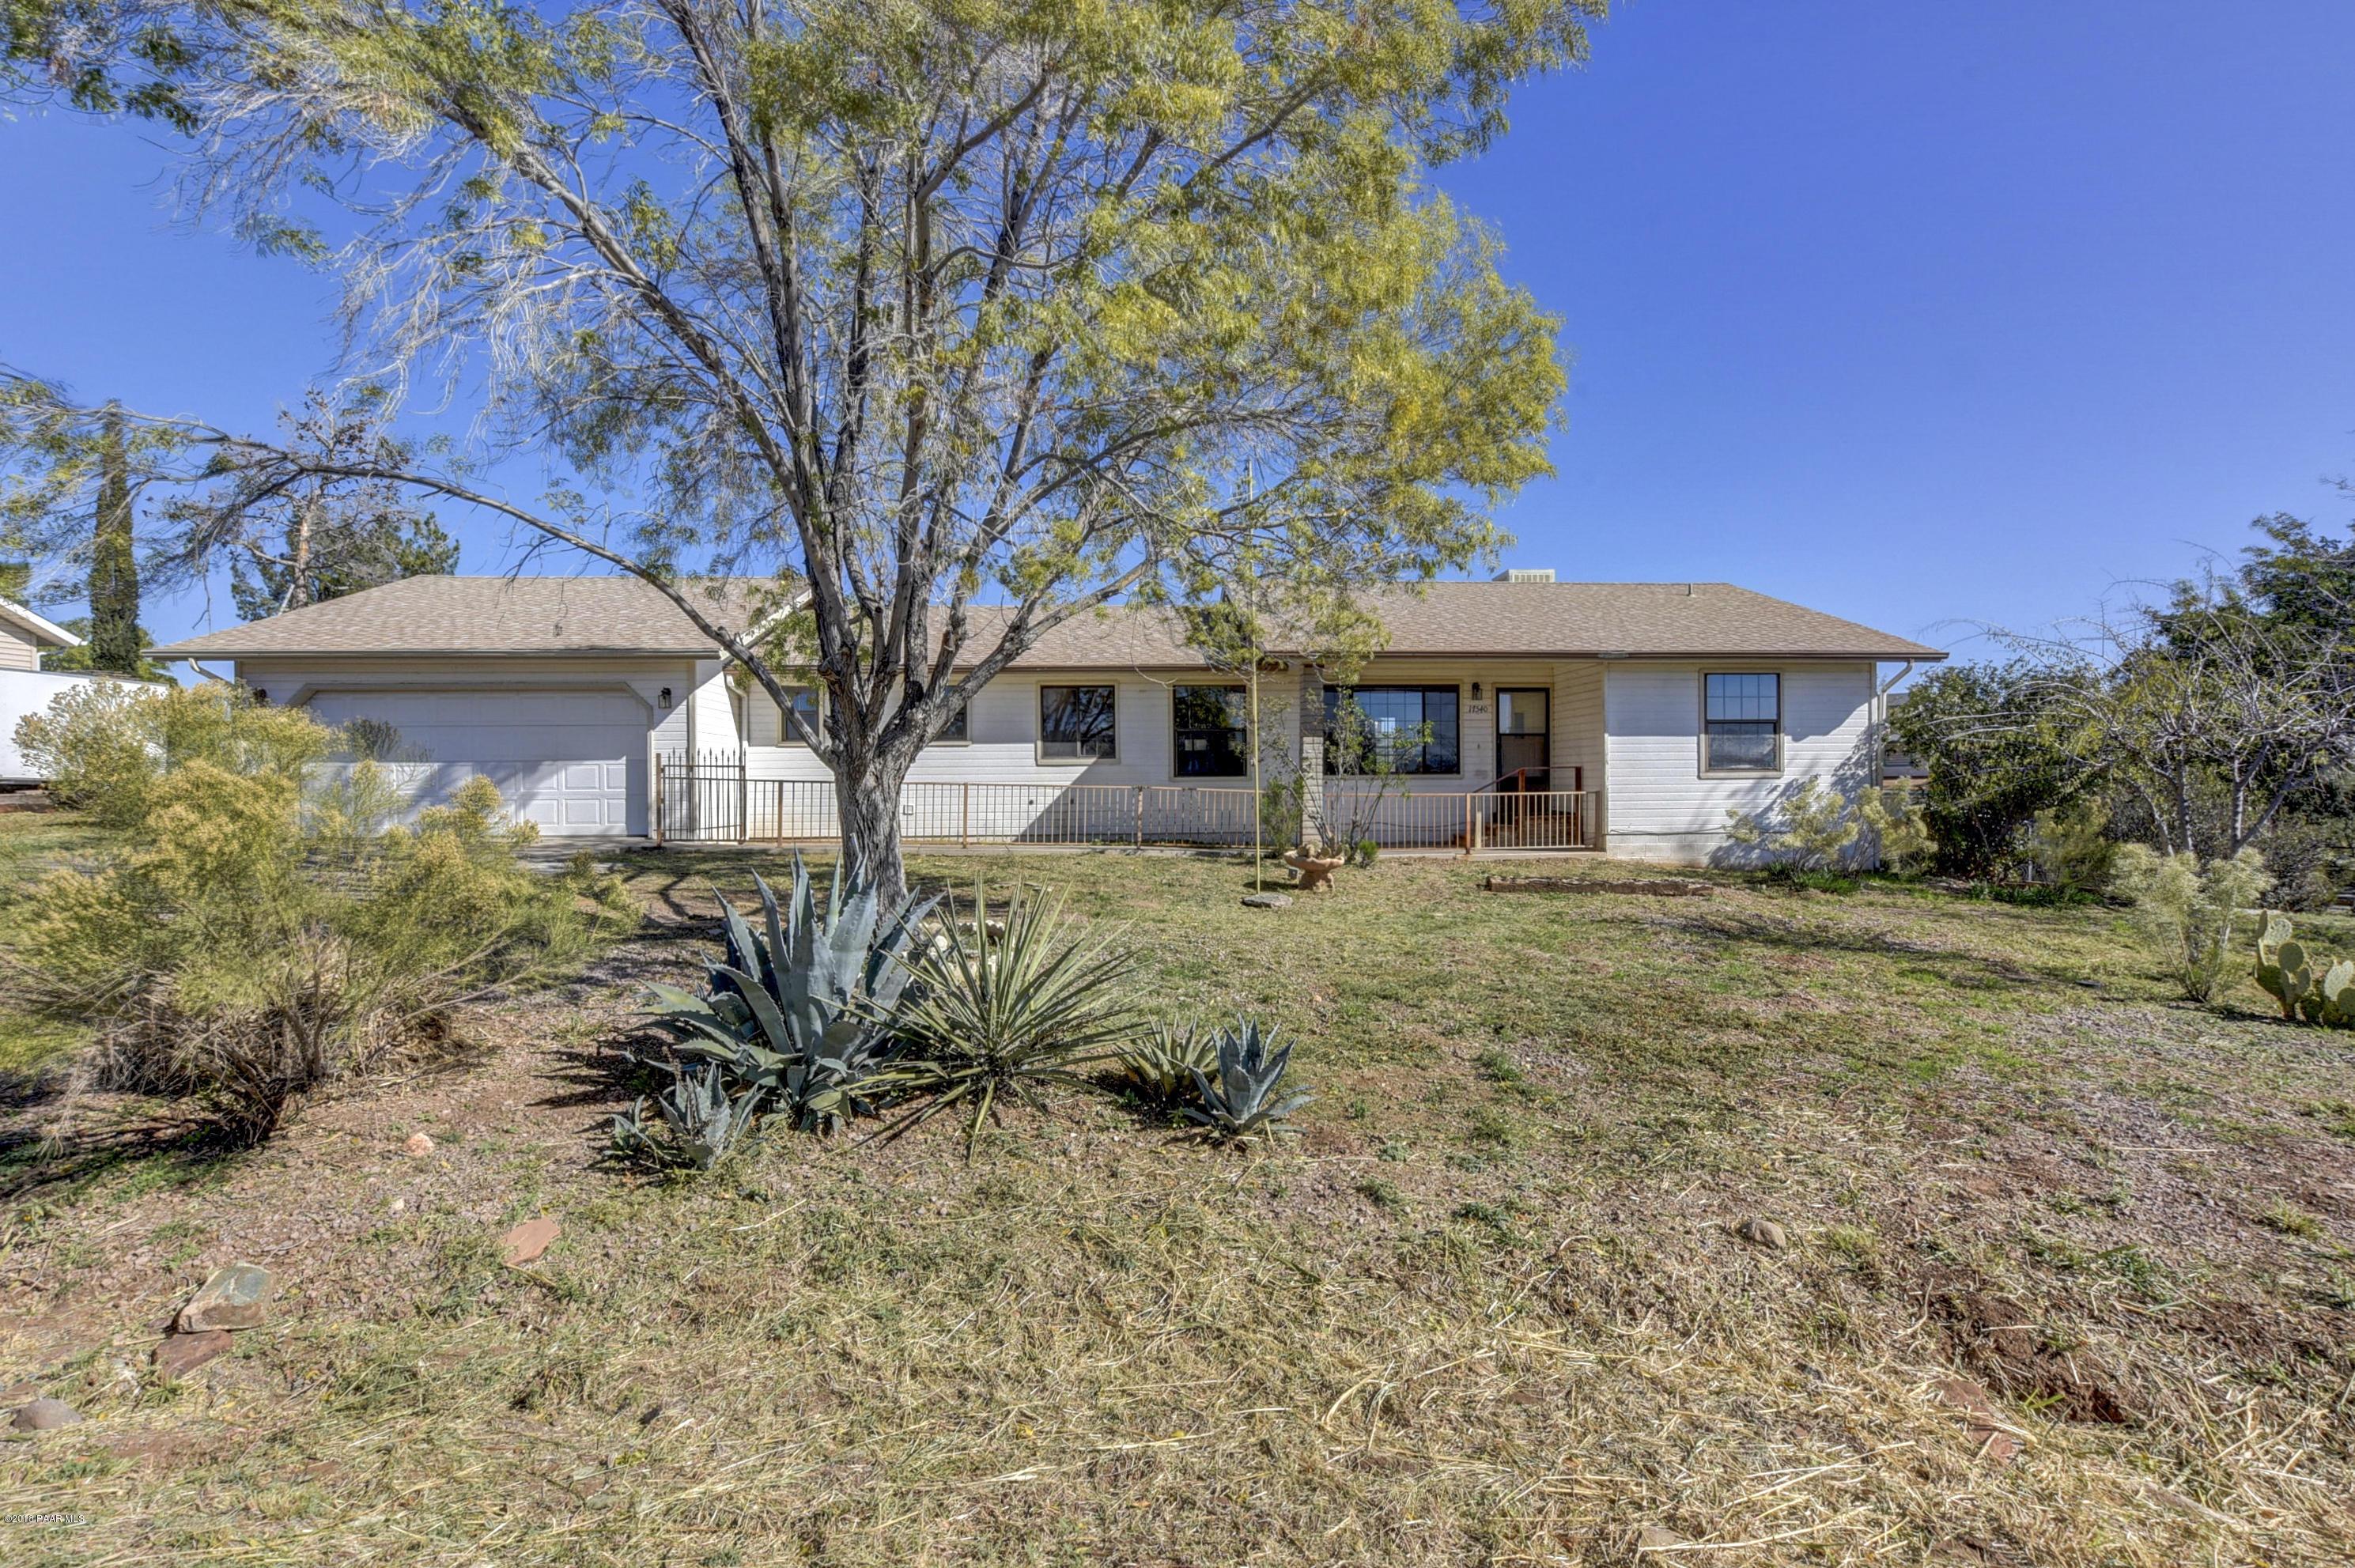 Photo of 17540 Jackrabbit, Mayer, AZ 86333